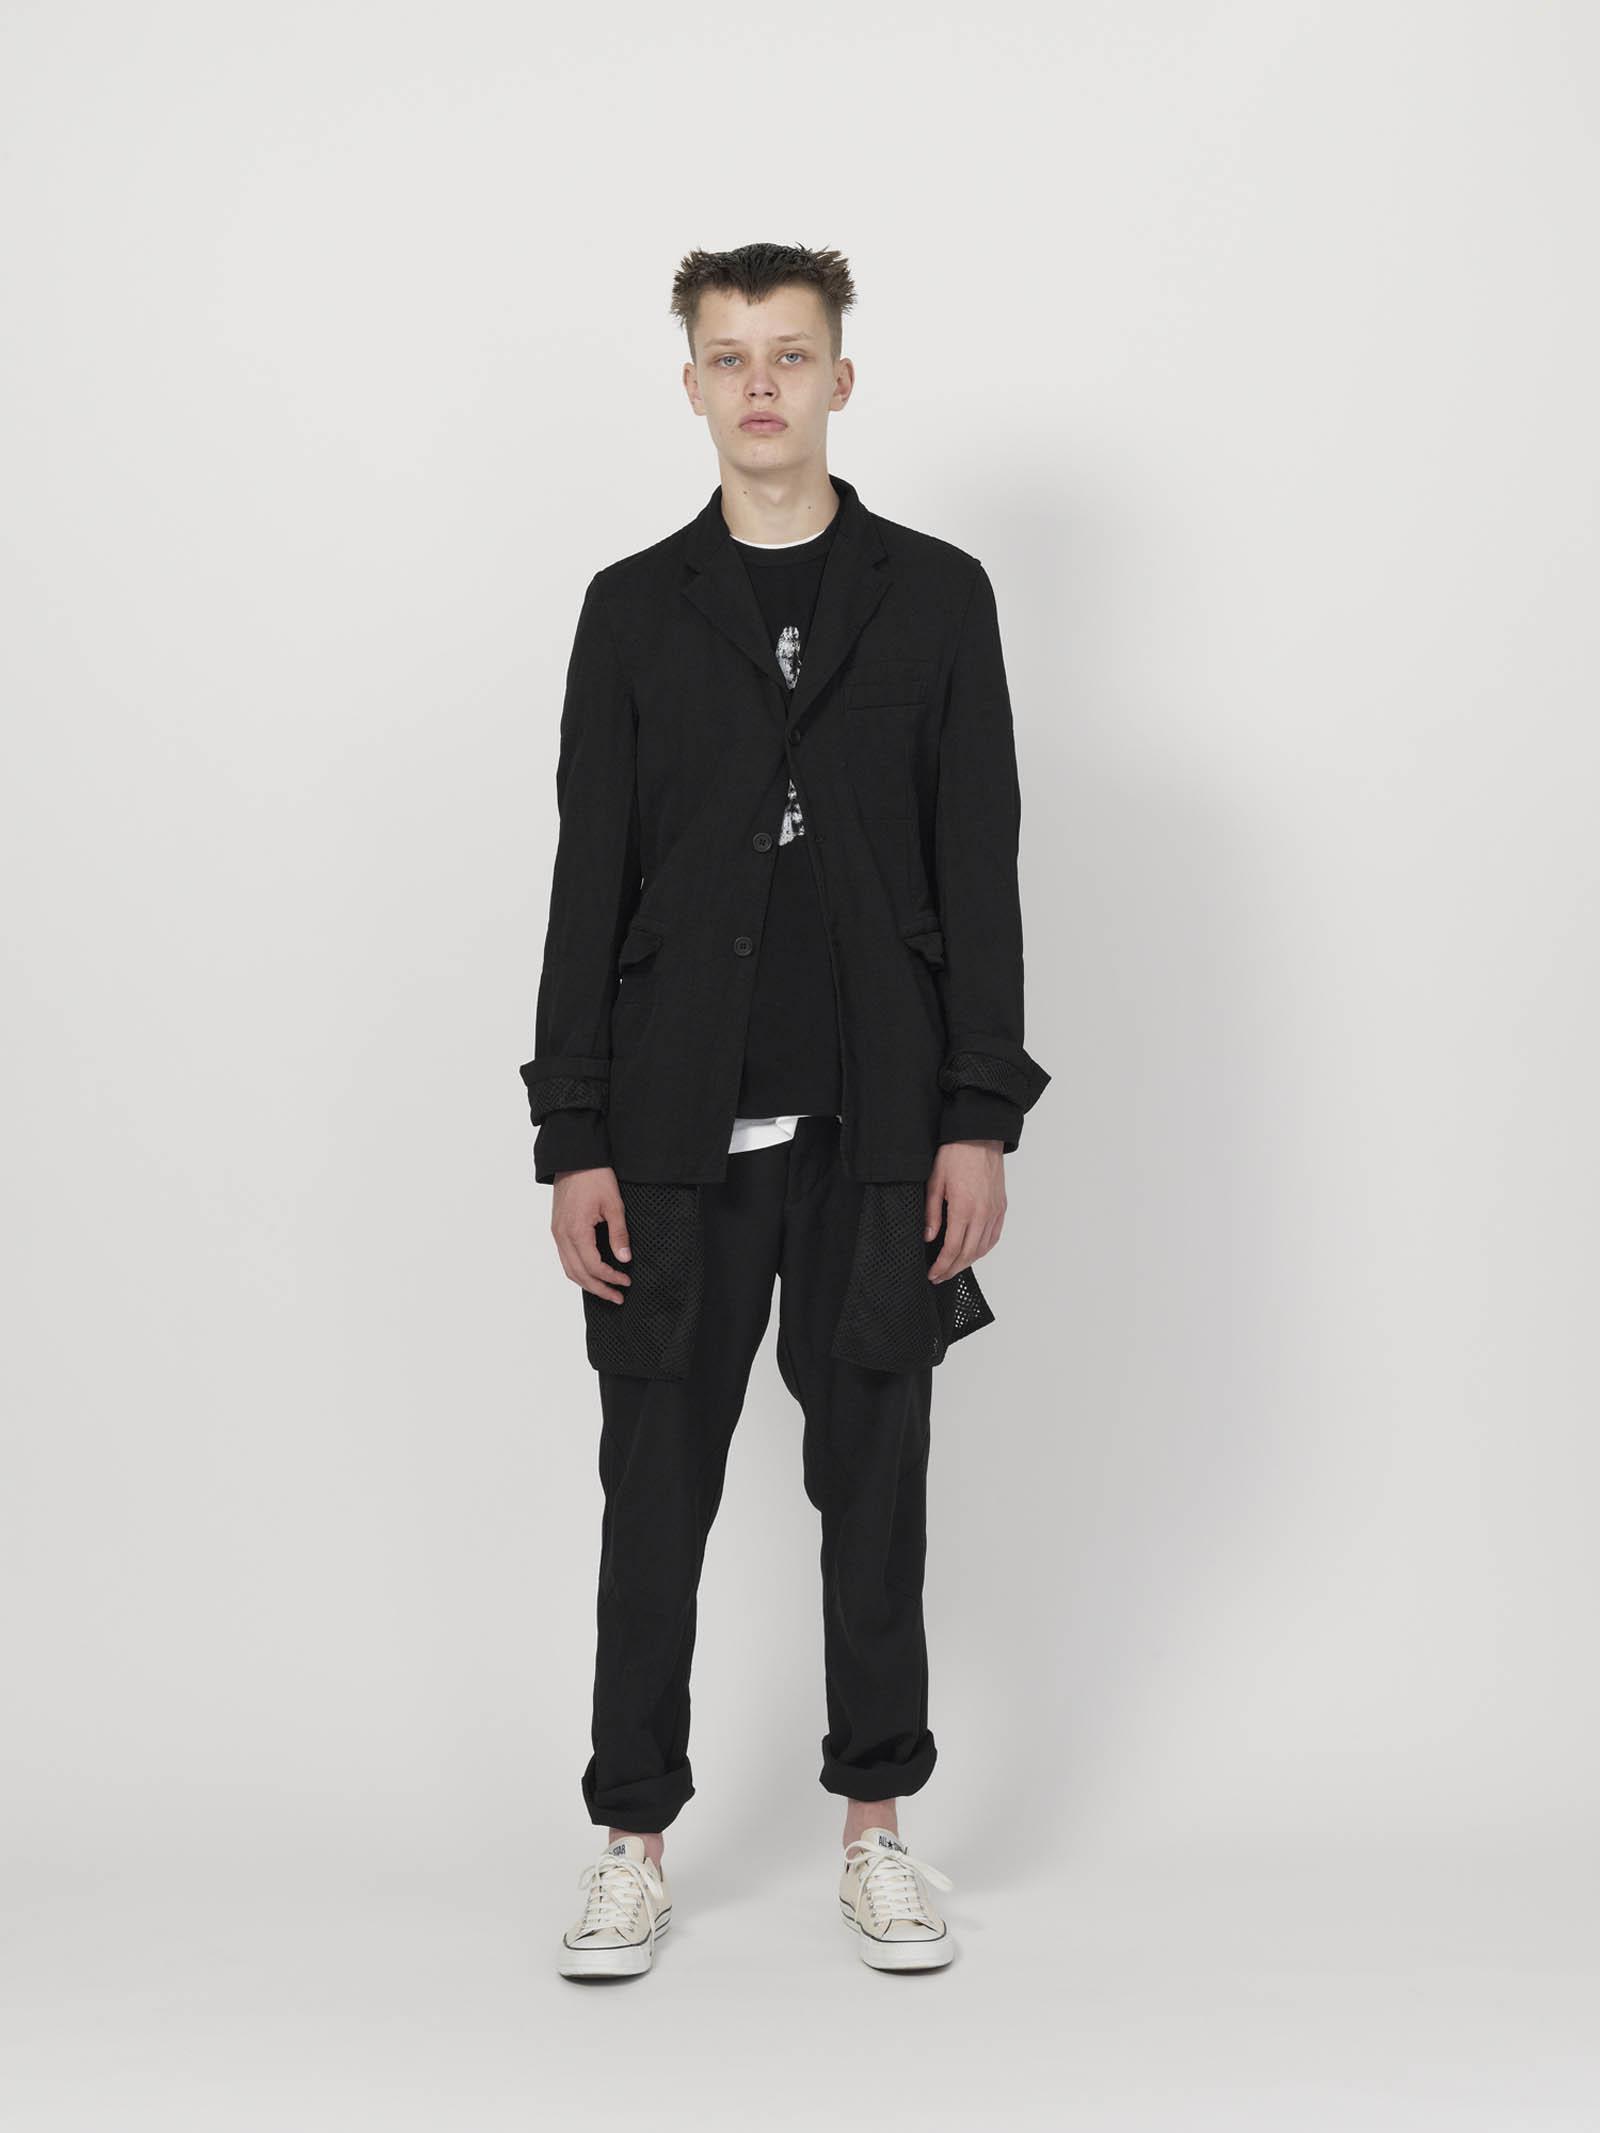 BLACK Comme des Garçons - shot 11